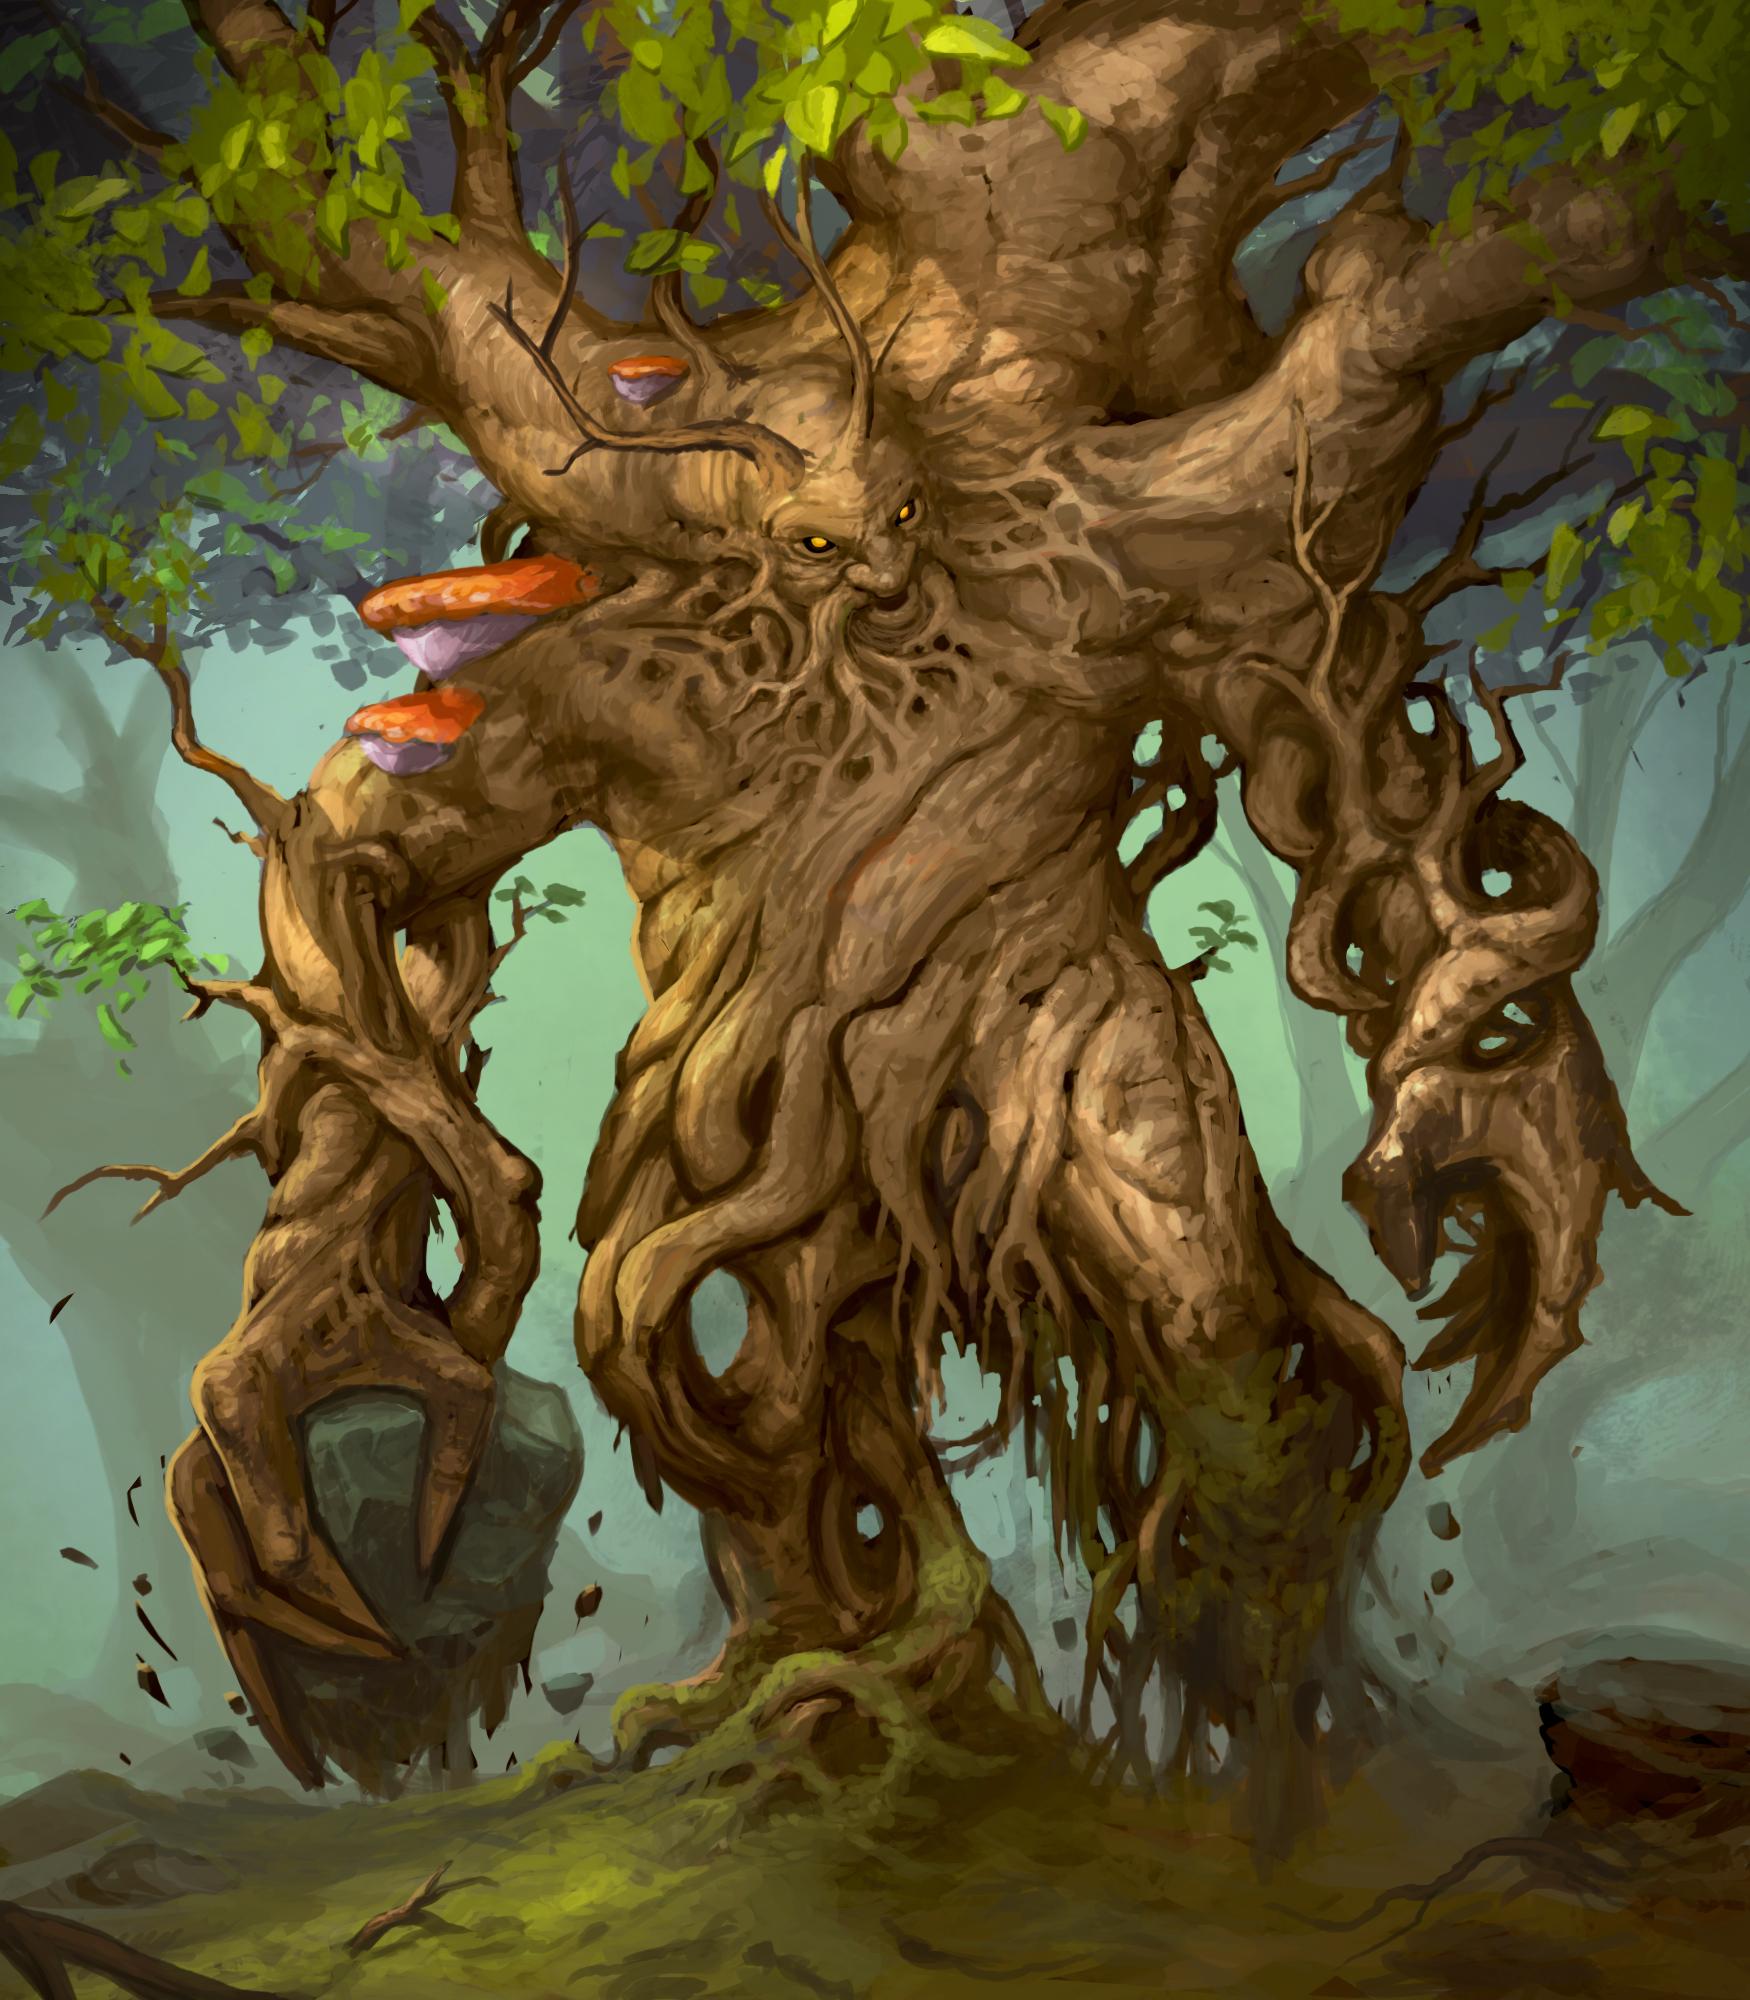 картинки мифическое дерево инженеры проводят диагностику